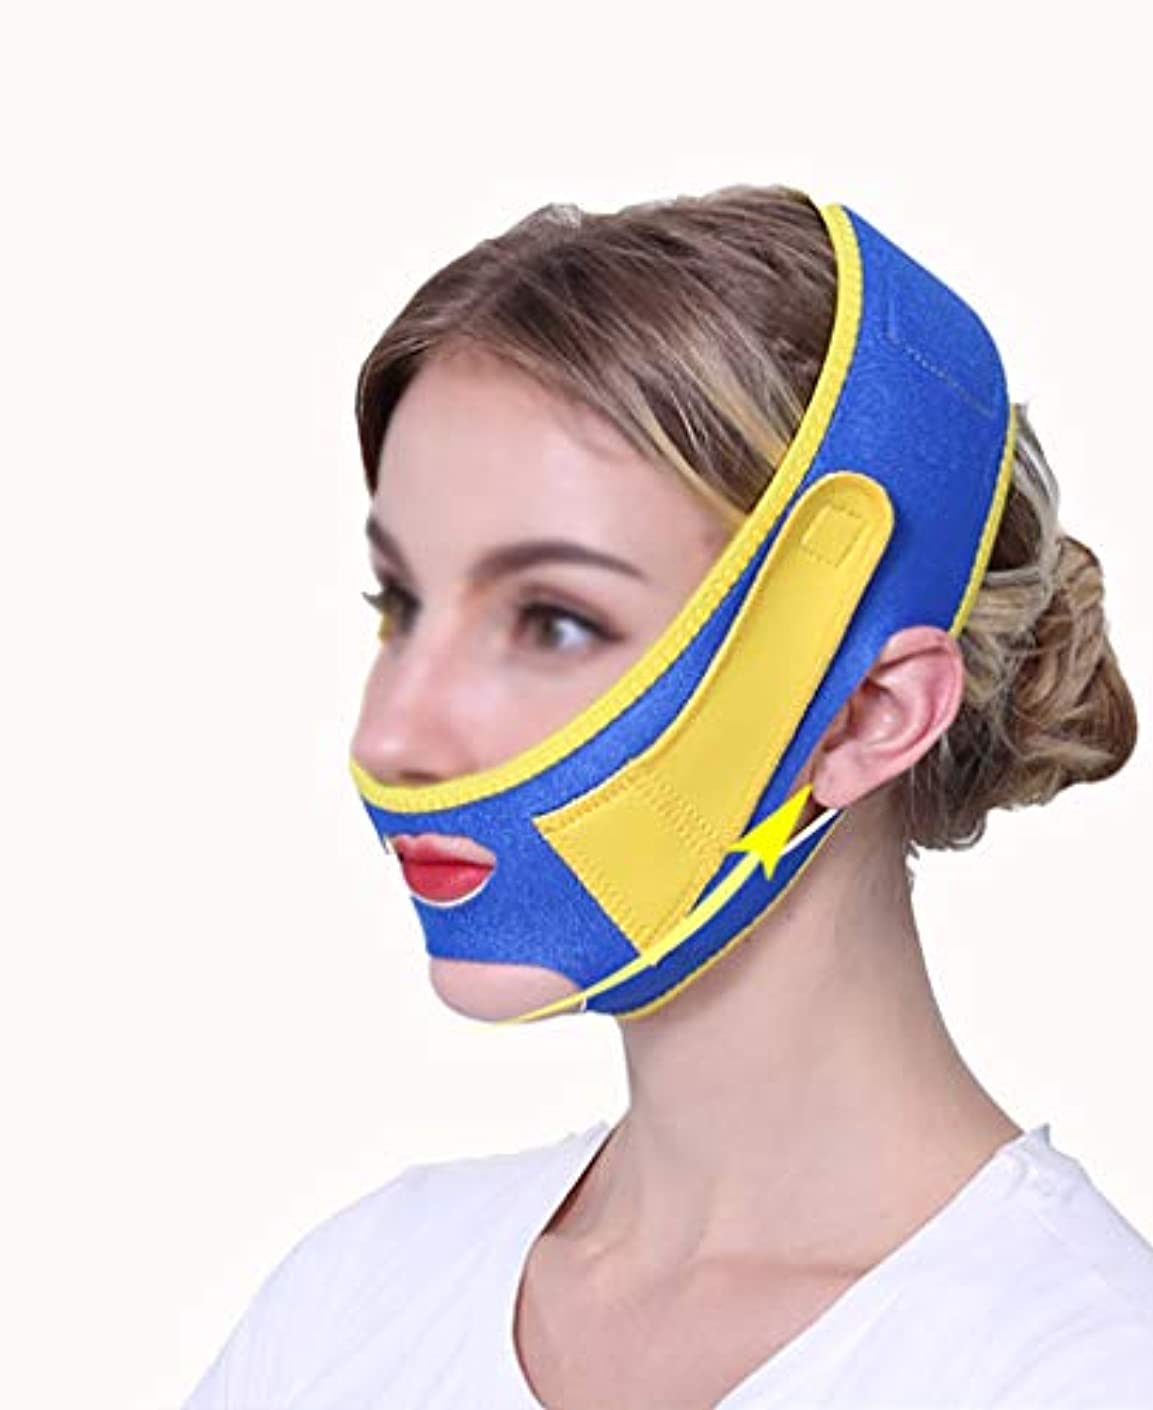 ヤングビット後悔フェイスリフトマスク、あごストラップ回復包帯シンフェイスマスクVフェイスステッカーフェイスリフトステッカー韓国本物のリフティング引き締めリフト整形薄型ダブルあごフェイスリフト睡眠包帯アーティファクト